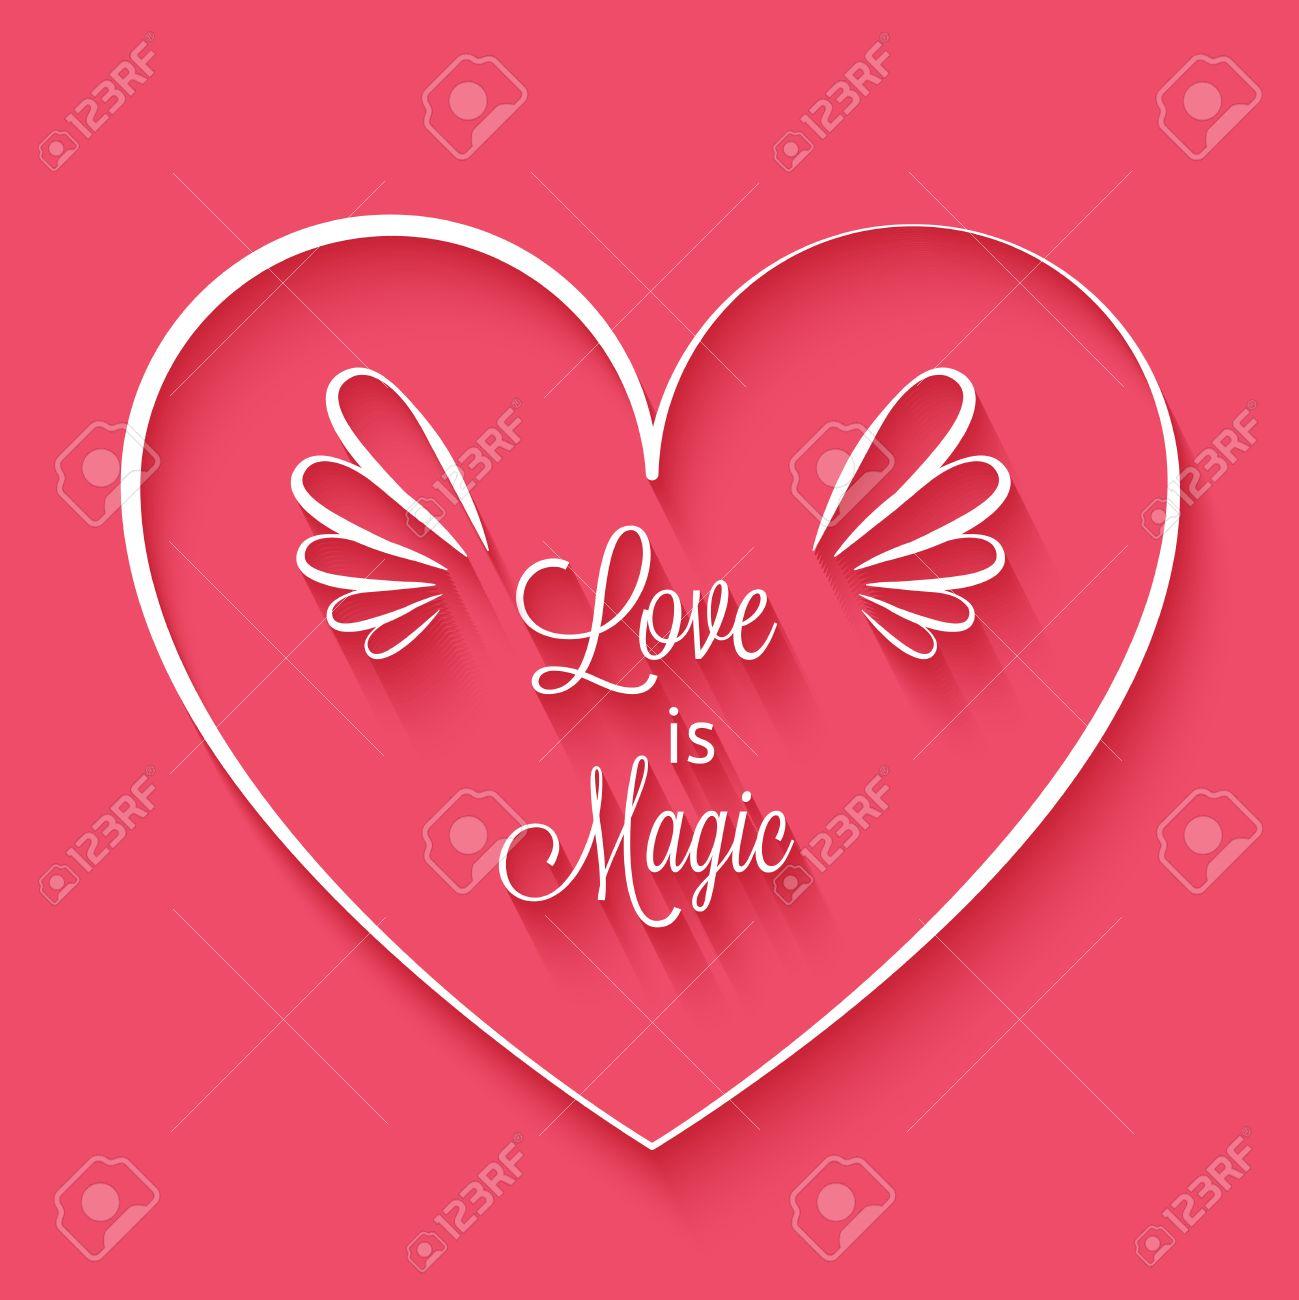 El Amor Es La Frase Mágica En El Marco Del Corazón Con Alas Lindo